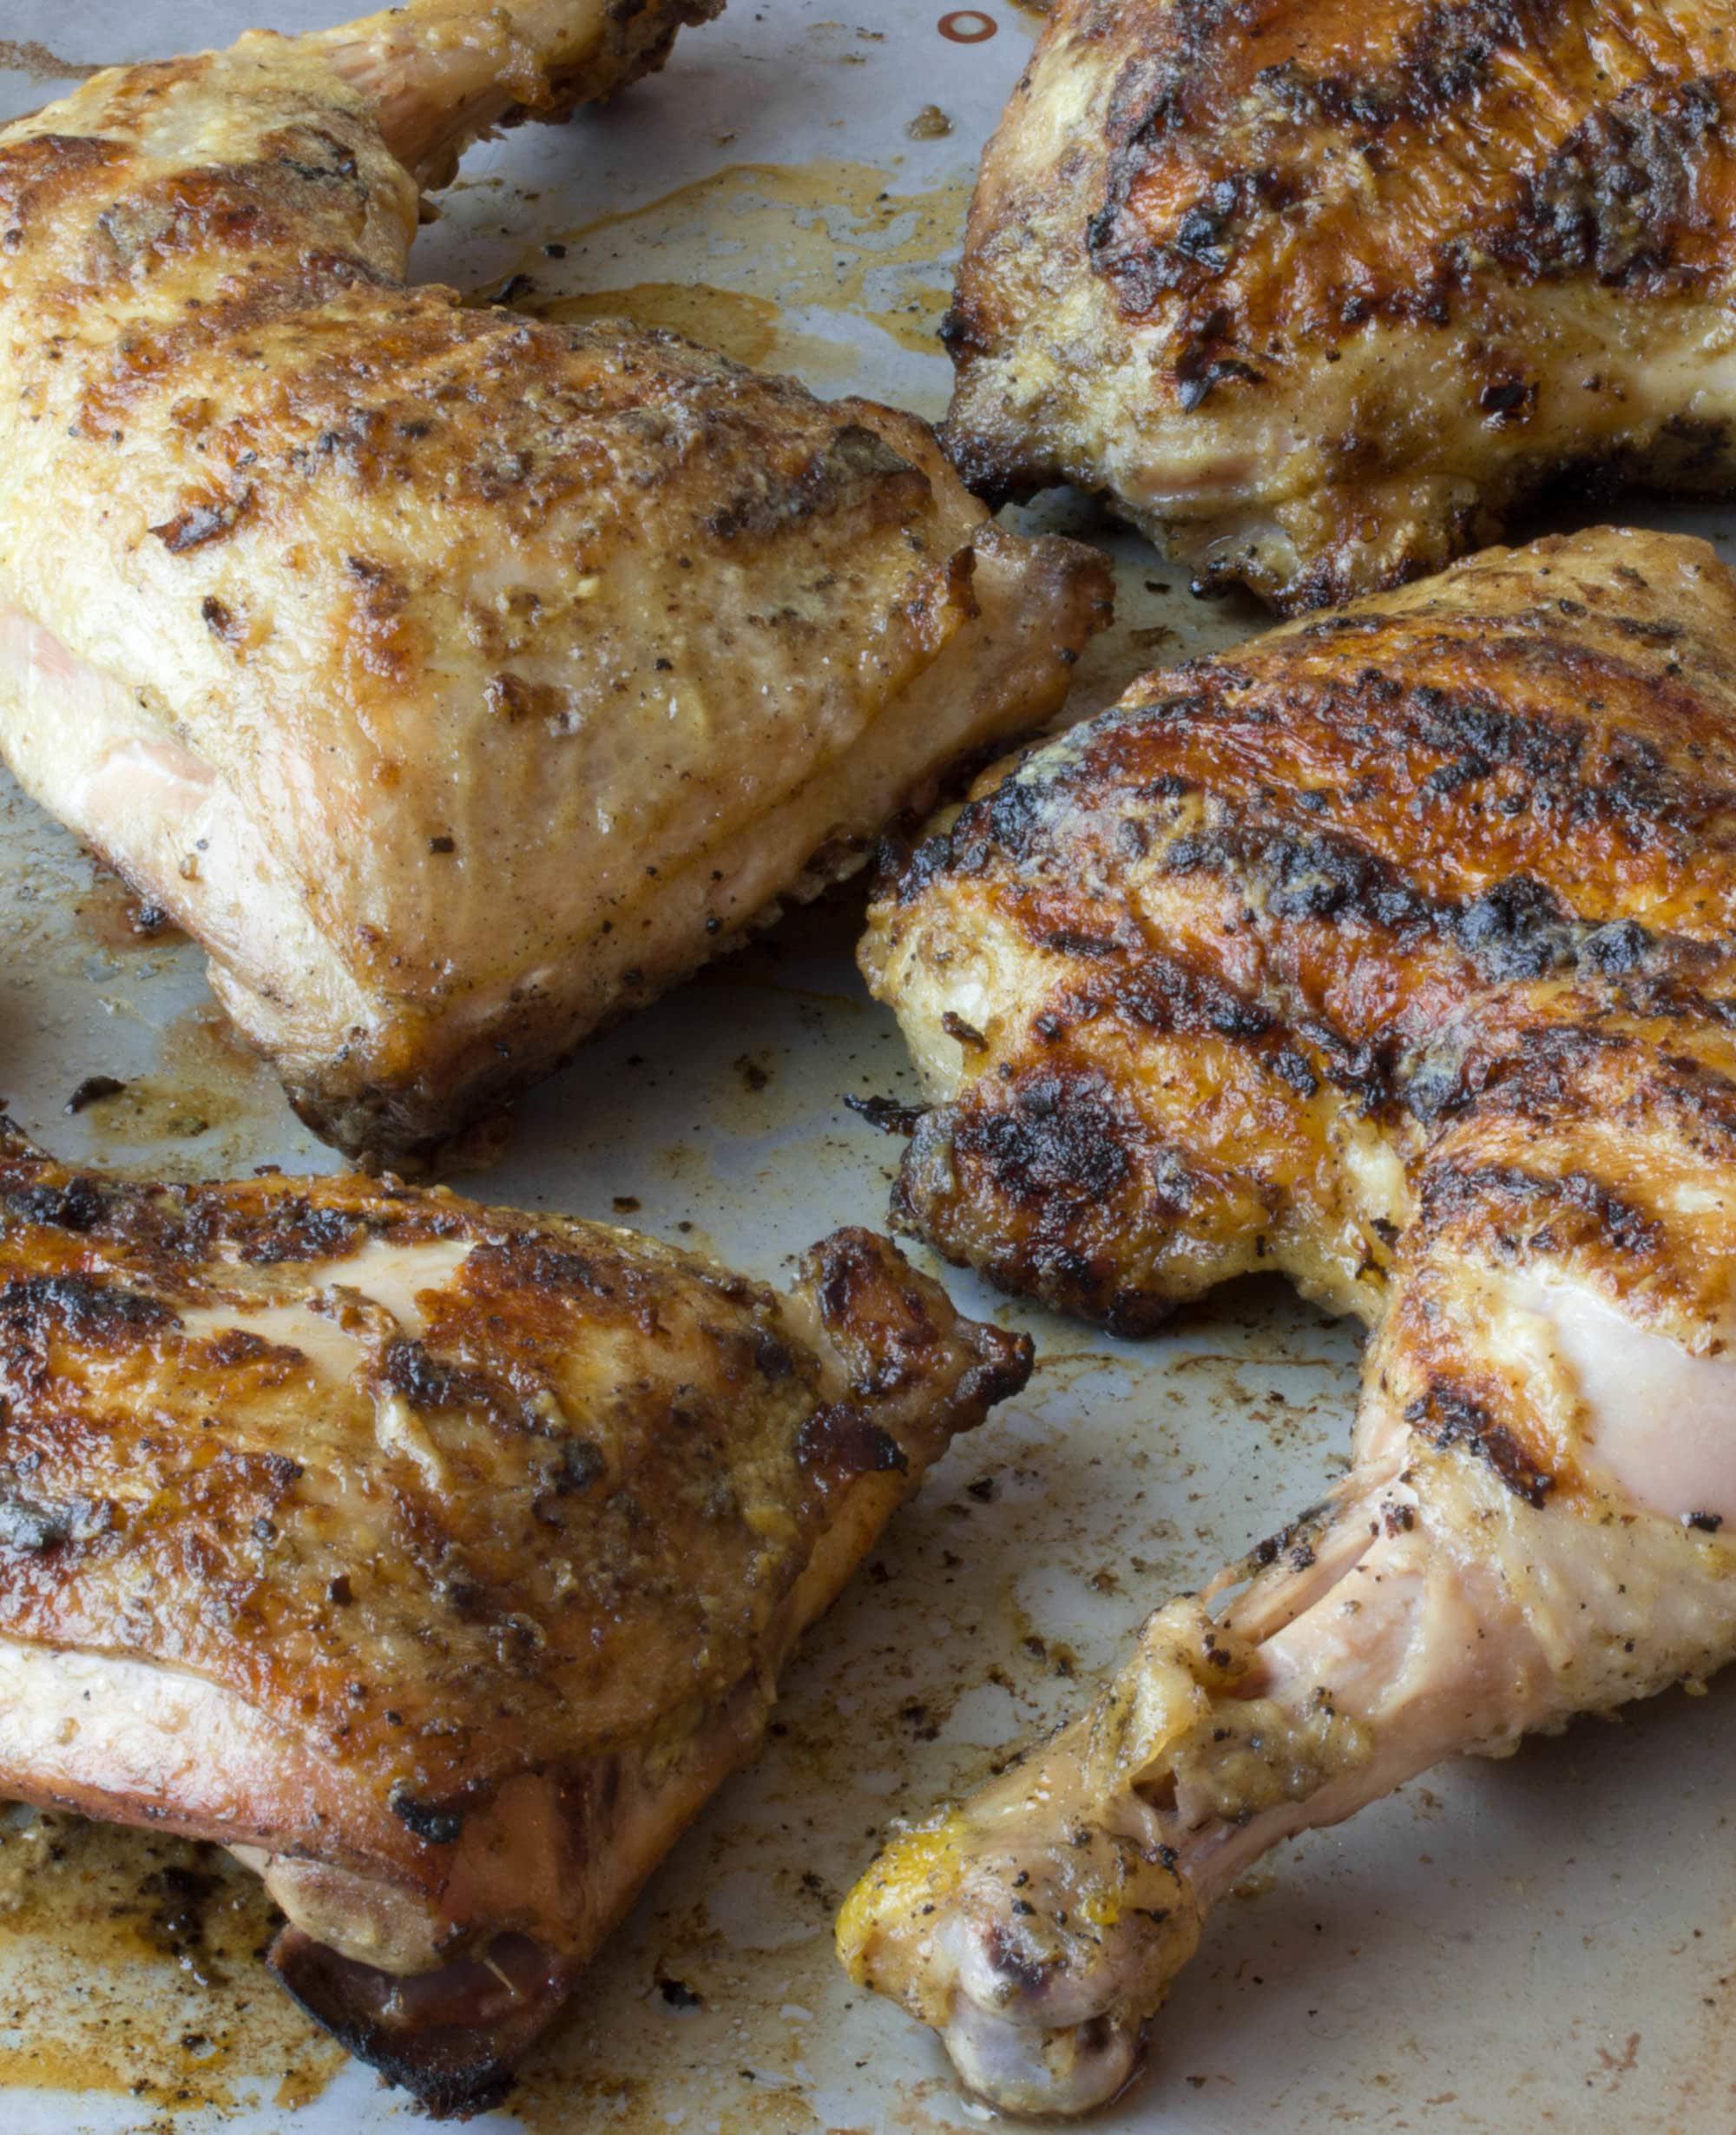 Recipe: Grilled Chicken Legs with Dijon & White Wine Glaze